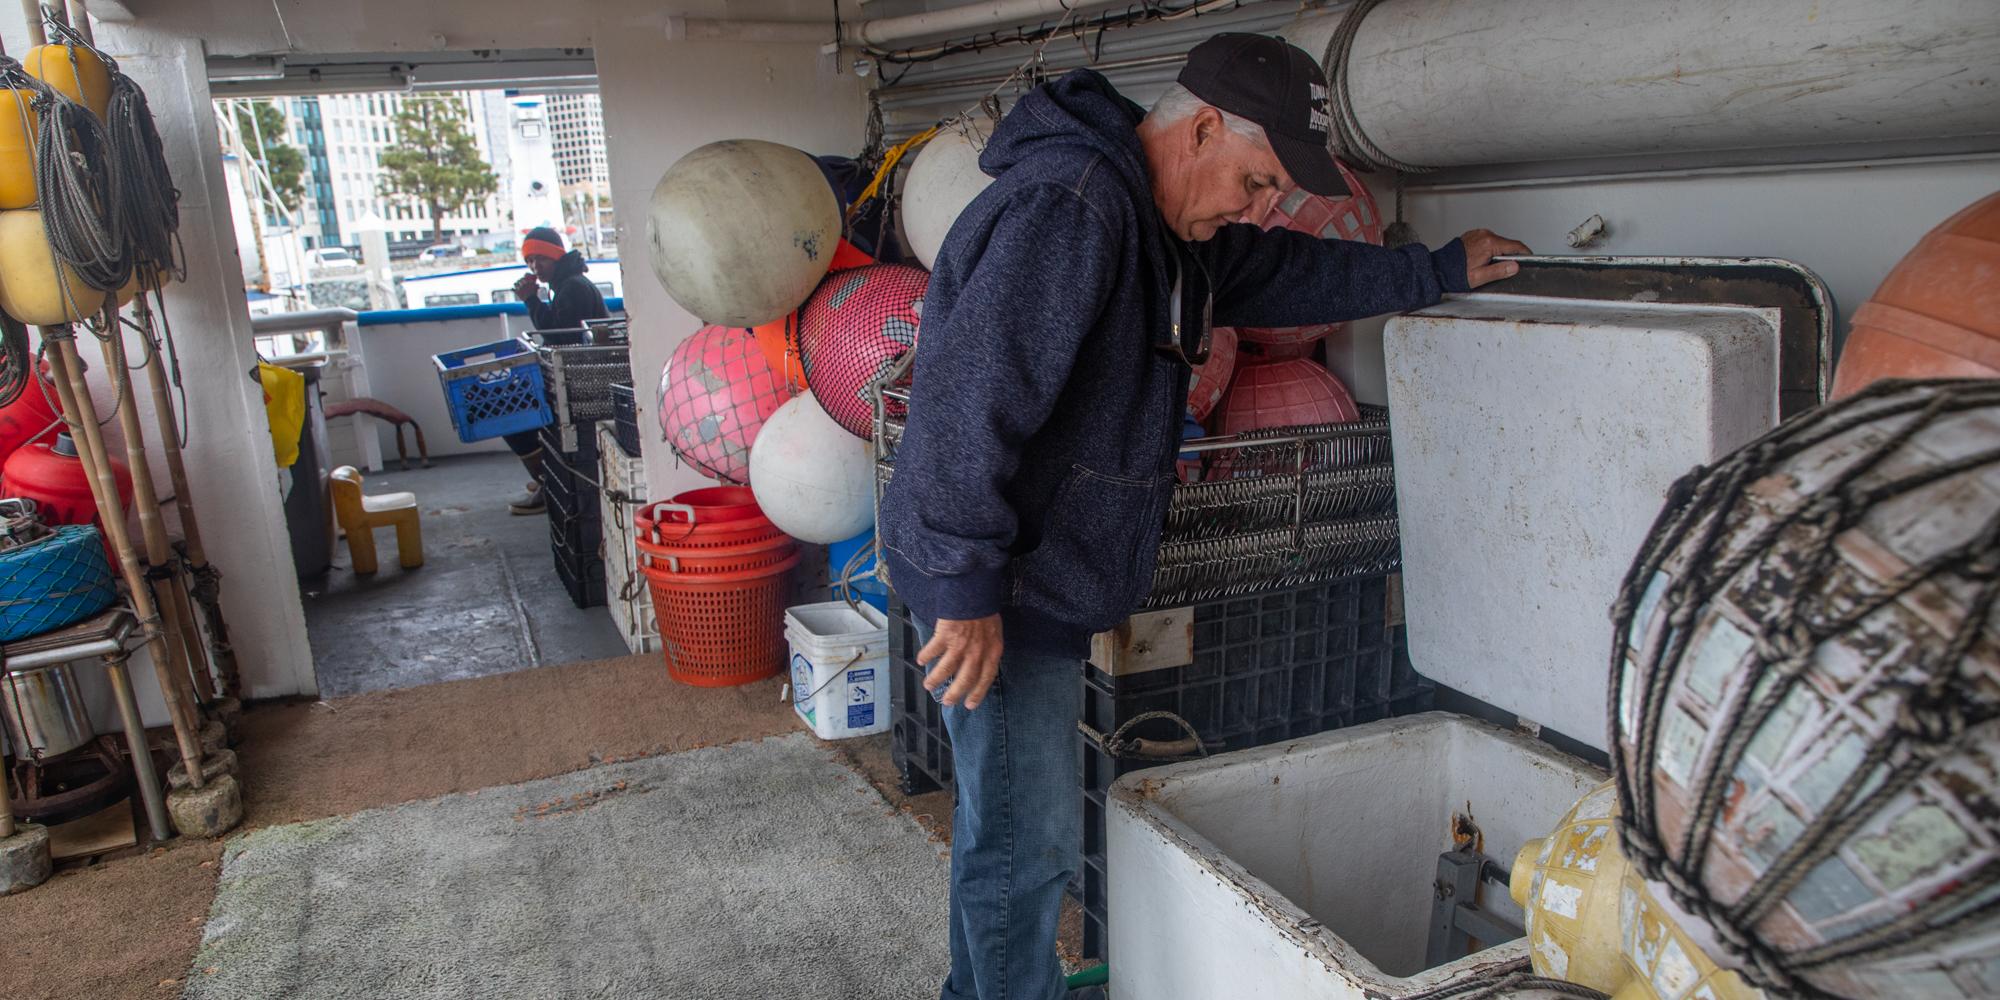 Ökonomie Der Coronavirus-Slam-Kalifornien, Kommerzielle Fischer, Einschließlich der In San Diego